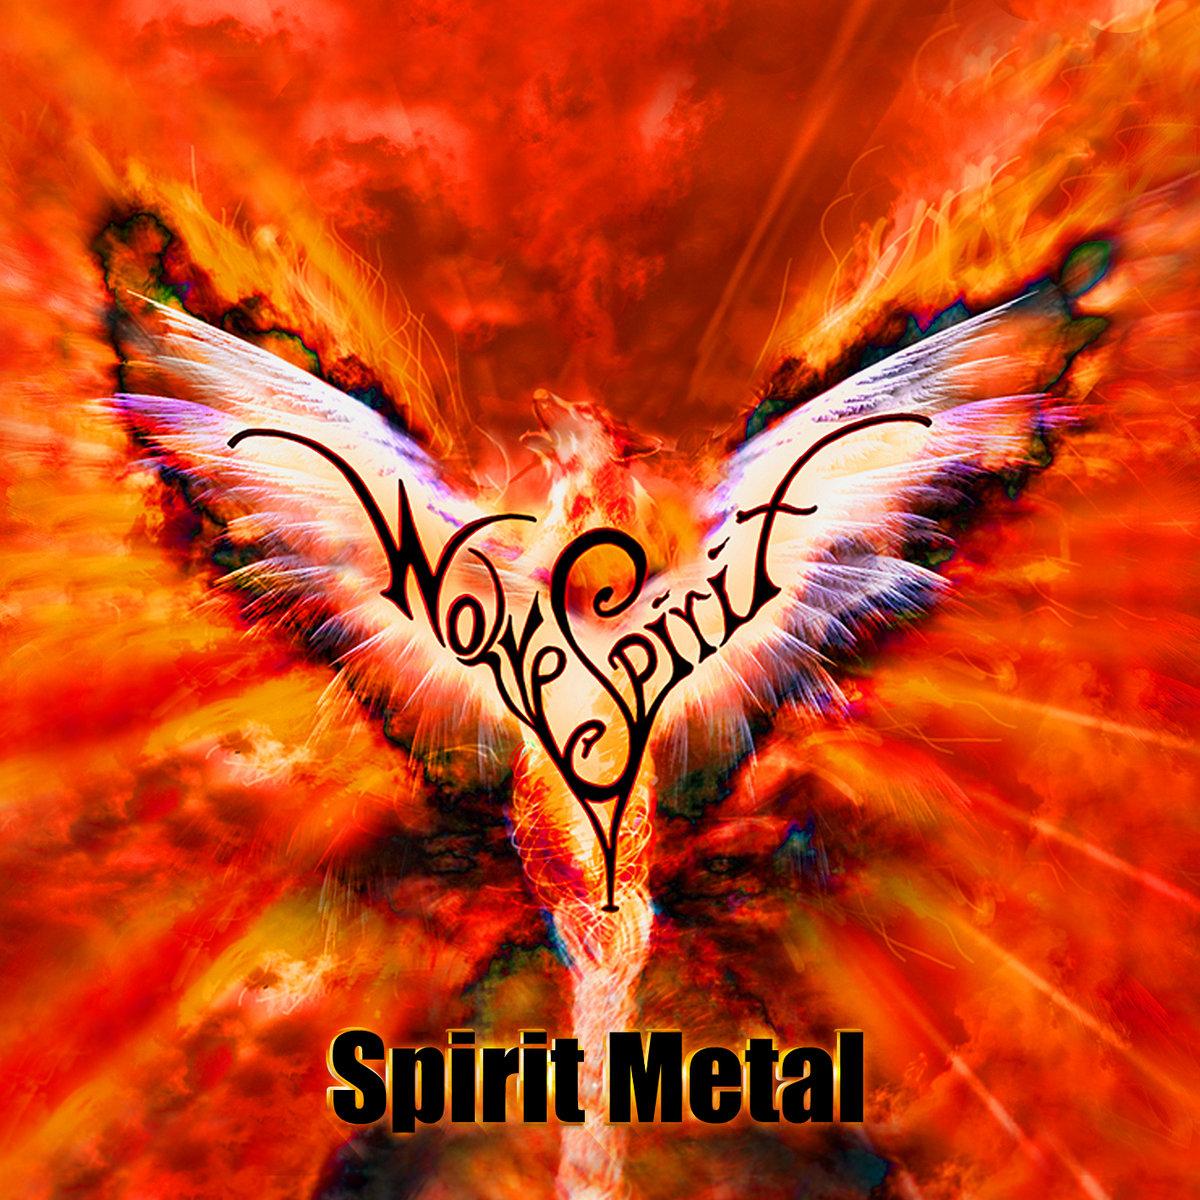 WolveSpirit - Spirit Metal - CD